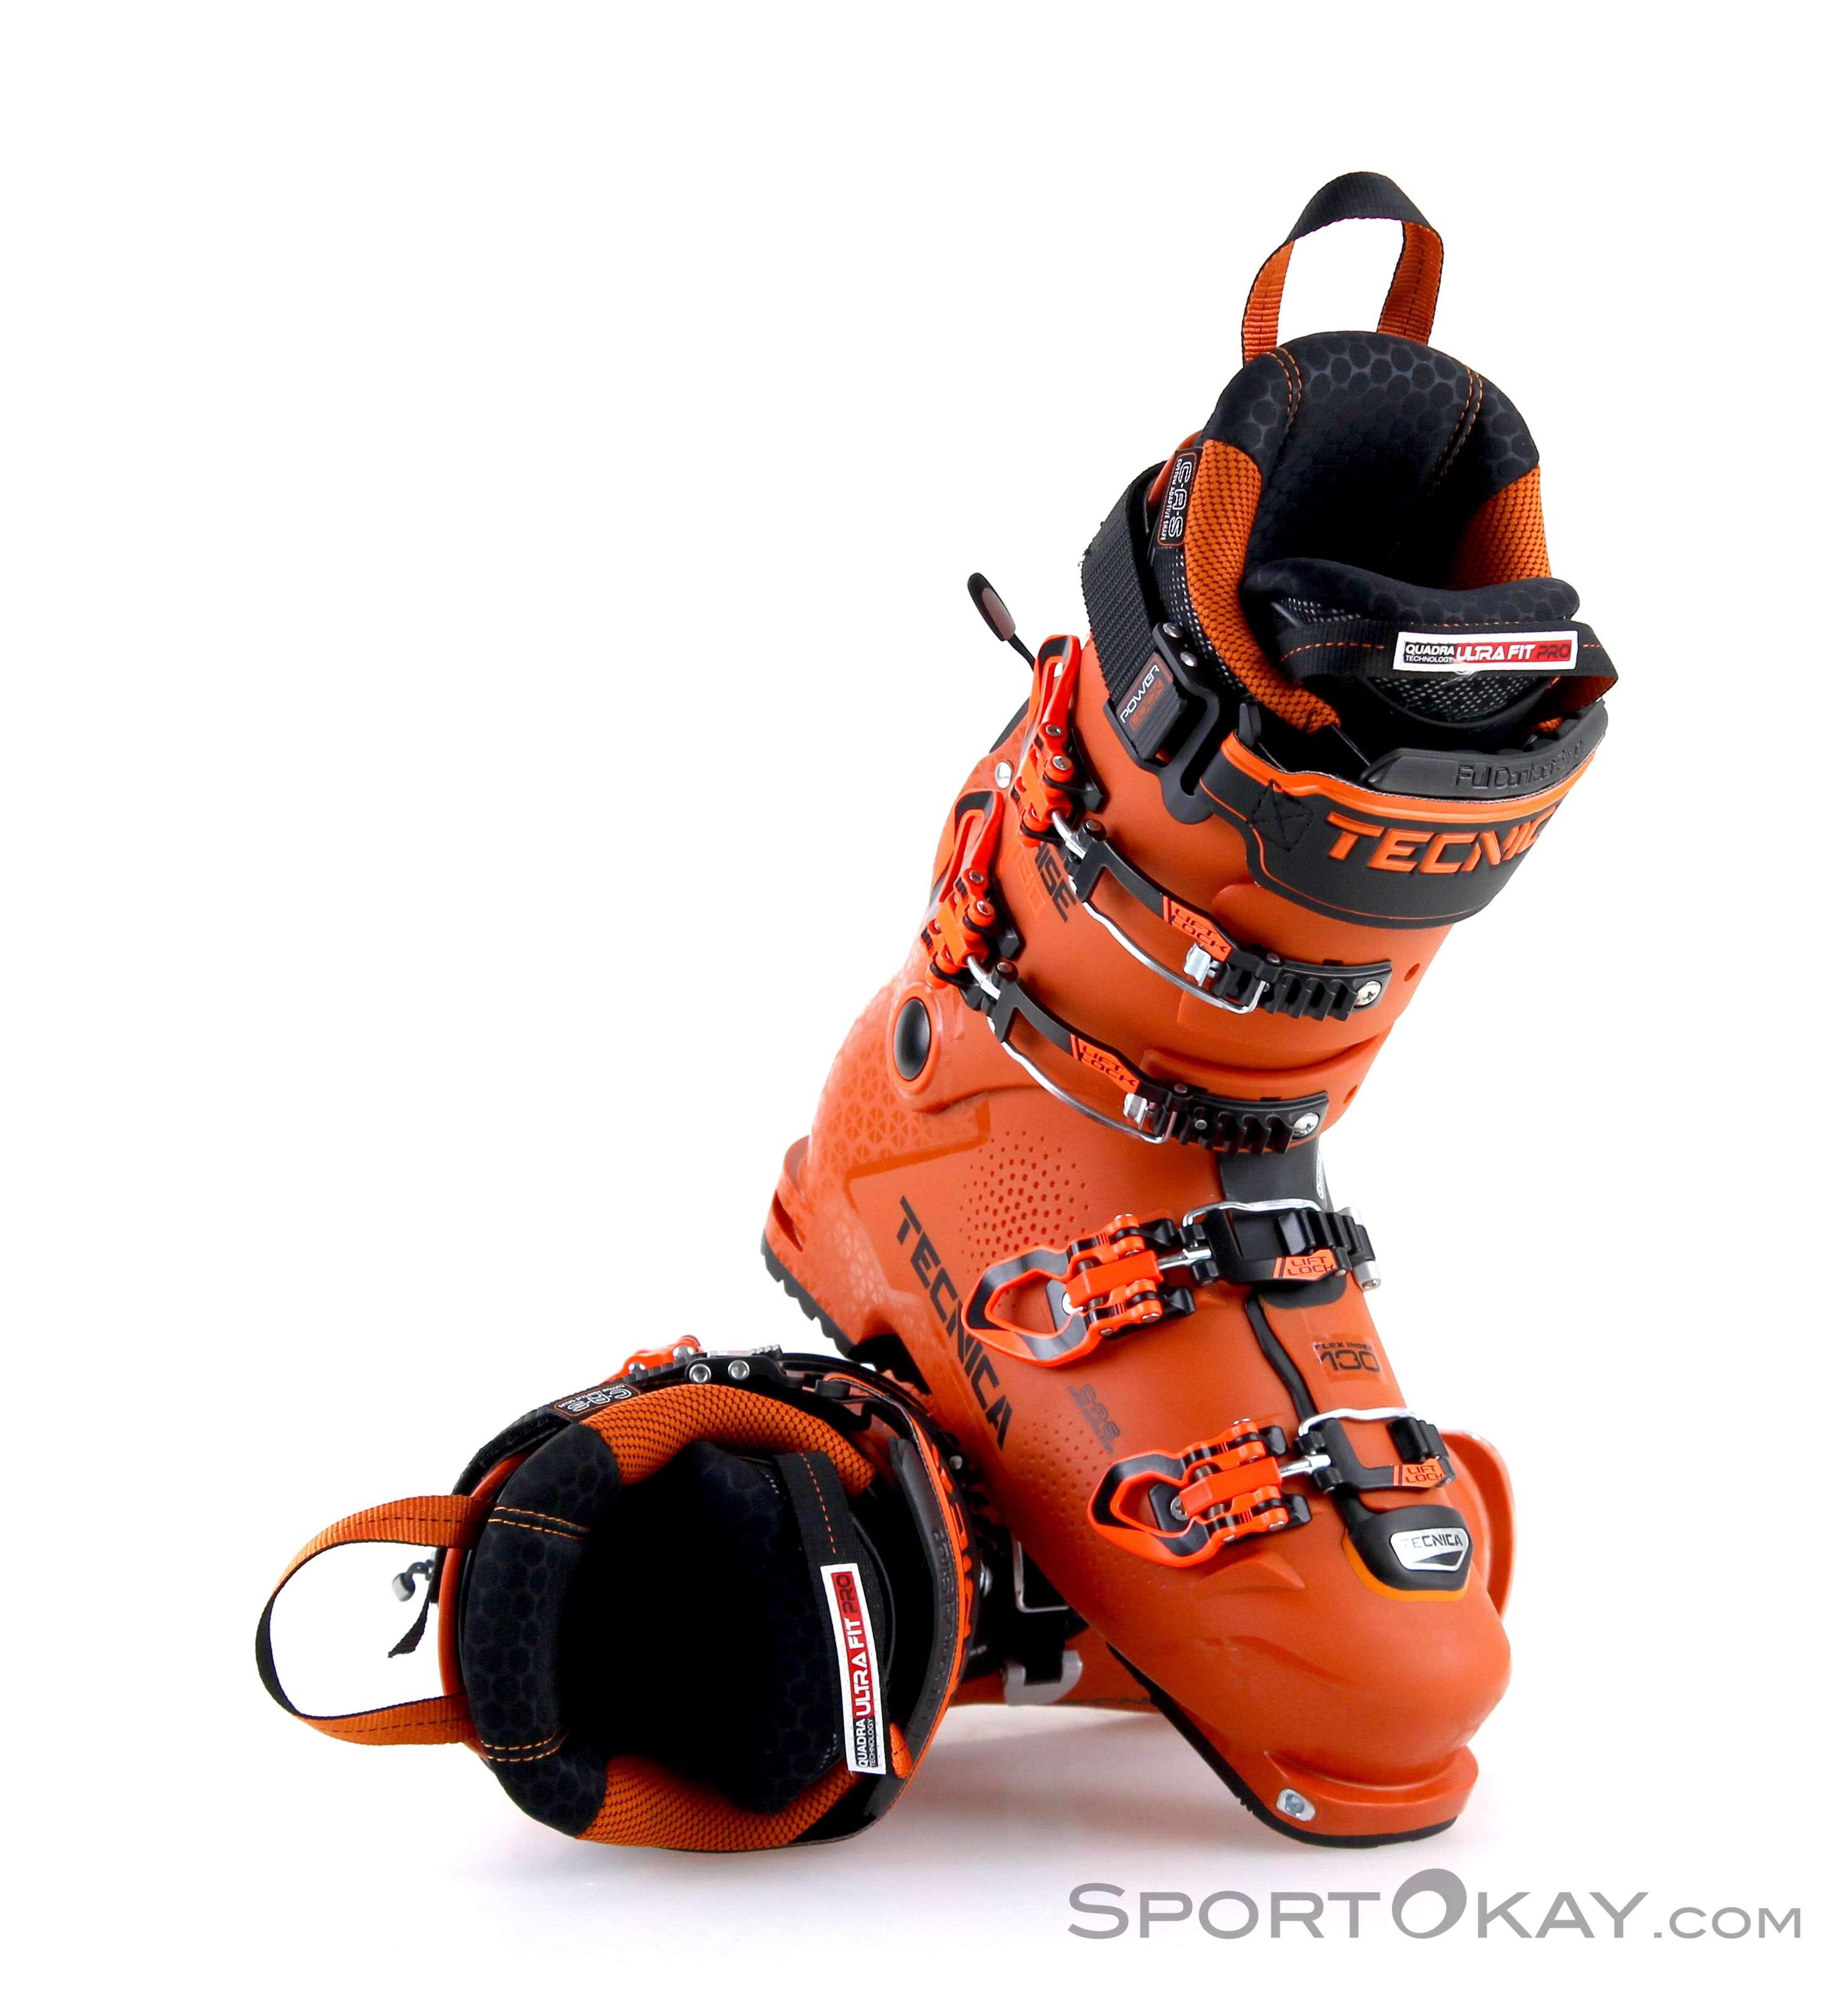 sneakers for cheap 81066 3df8e Tecnica Tecnica Cochise 130 DYN Uomo Scarponi da Sci